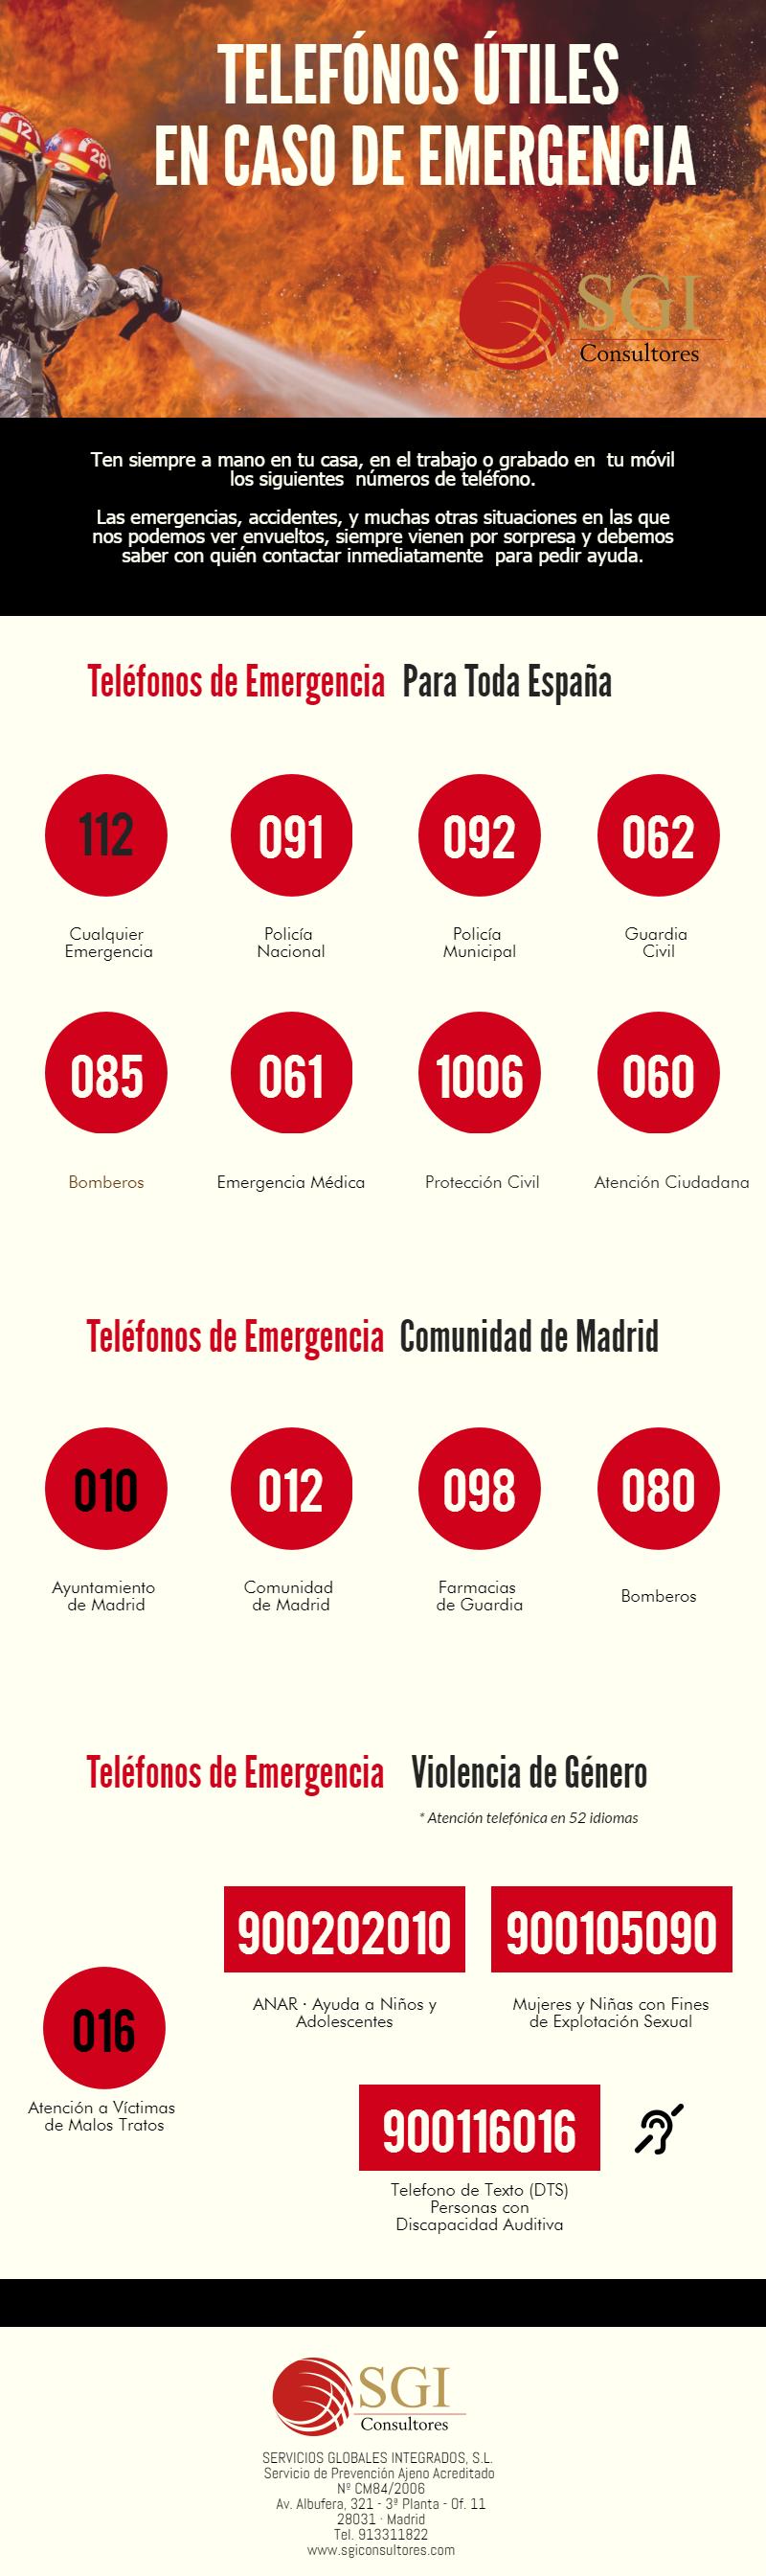 sgi-consultores-infografia-telefonos-emergencias